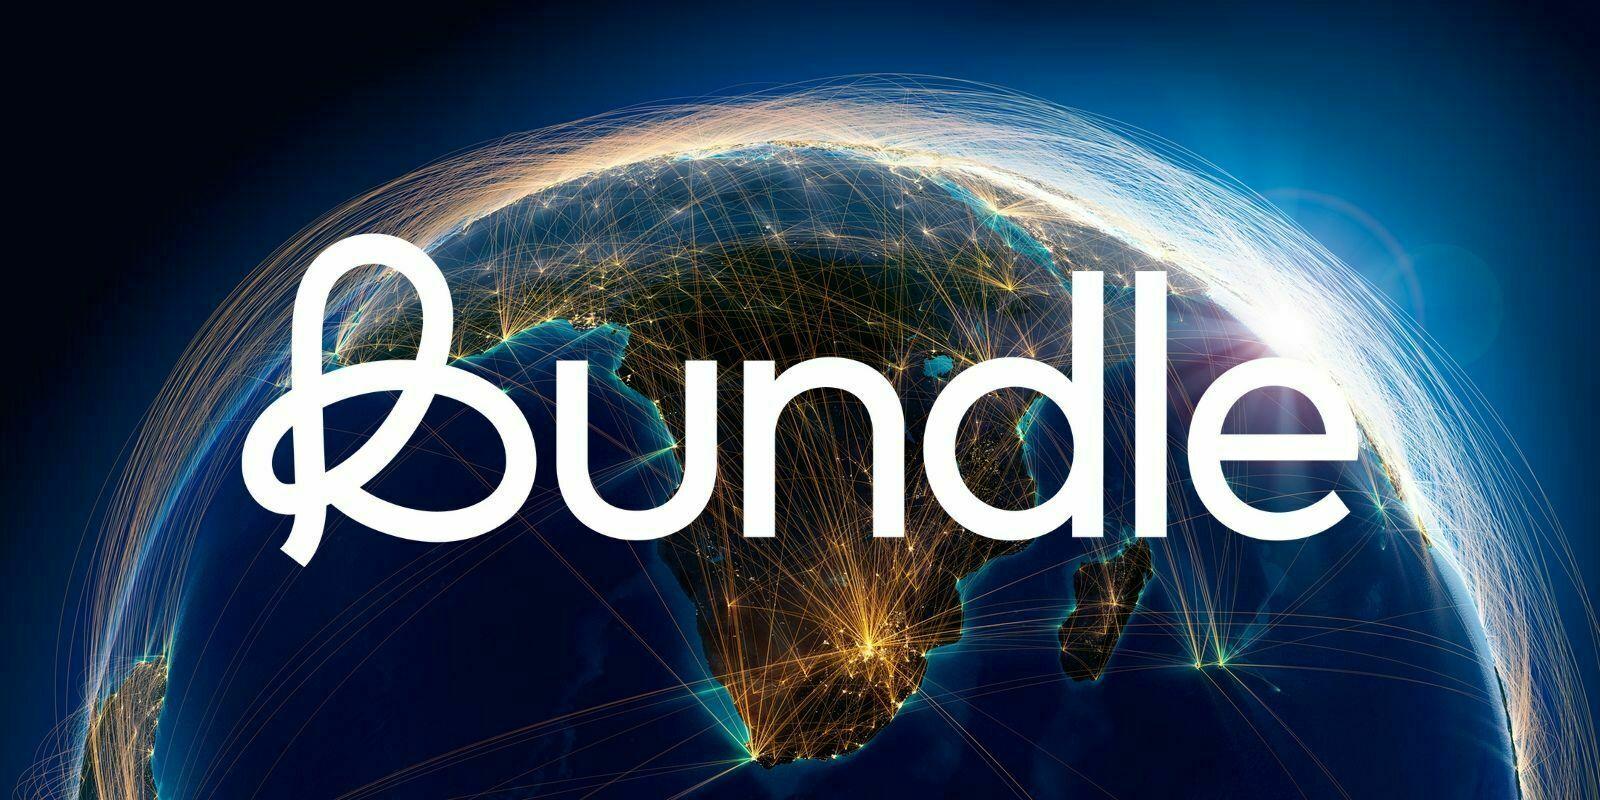 Bundle, une application de paiement pour l'Afrique soutenue par Binance